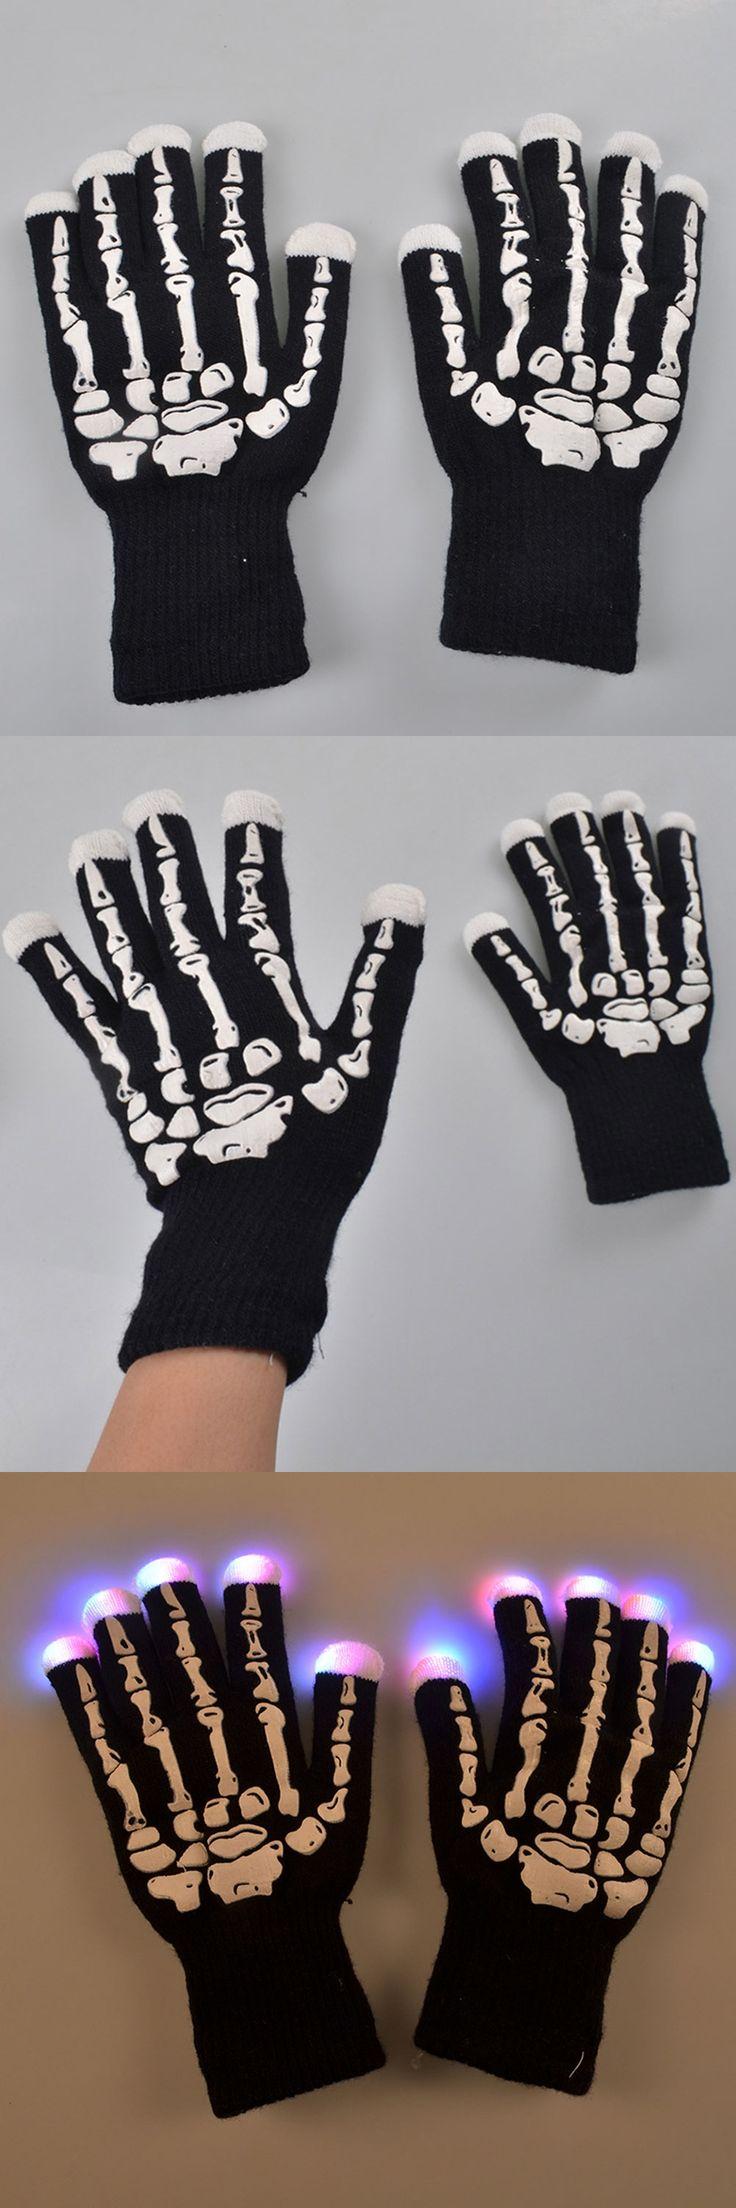 Promotion Winter Skeleton Gloves Luminous Skull Smartphone Gloves Black Warm Men Women Knitted Gloves